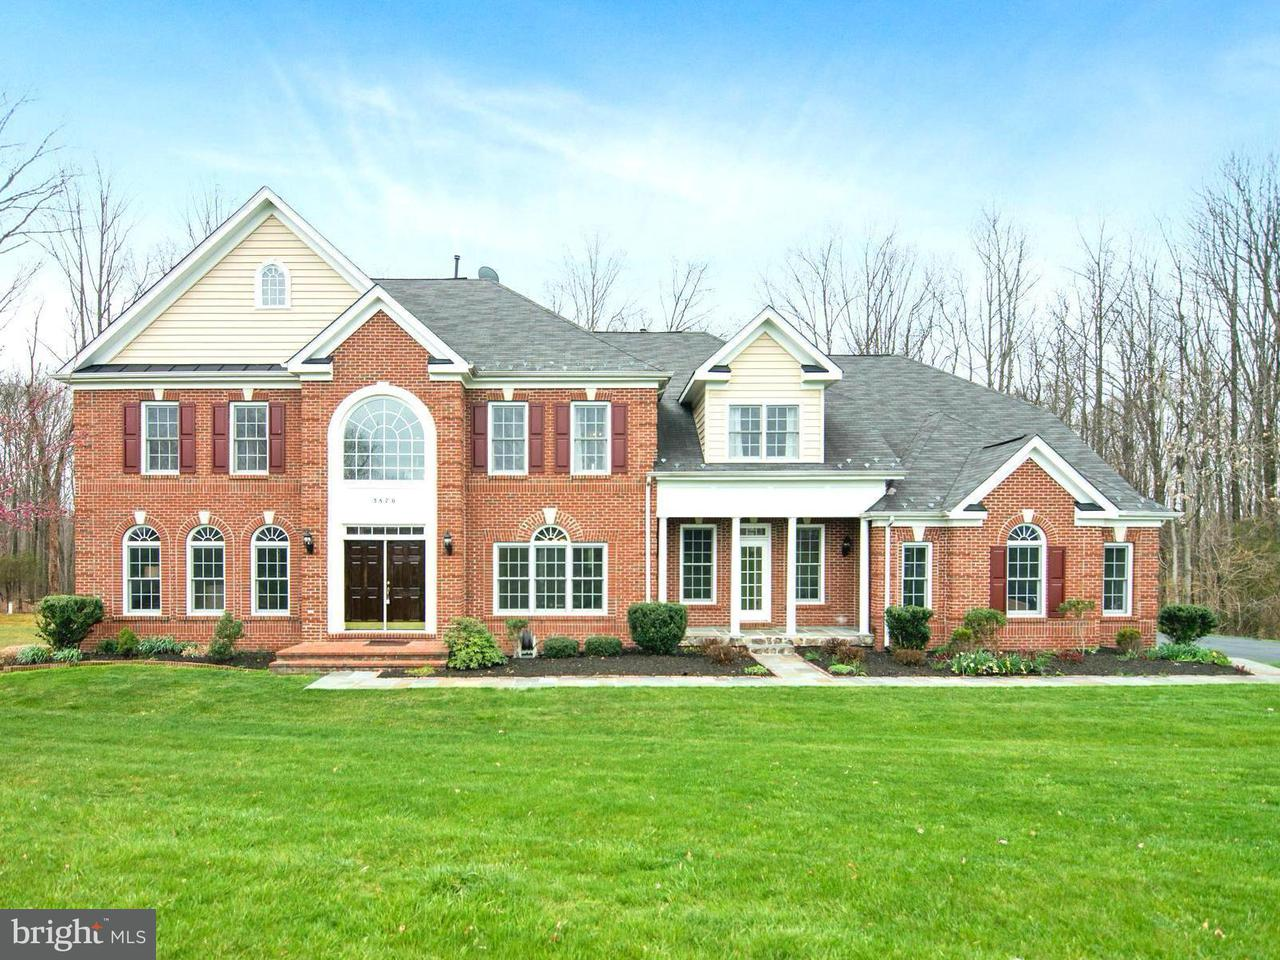 Частный односемейный дом для того Продажа на 3870 Avonlea Way 3870 Avonlea Way Catharpin, Виргиния 20143 Соединенные Штаты